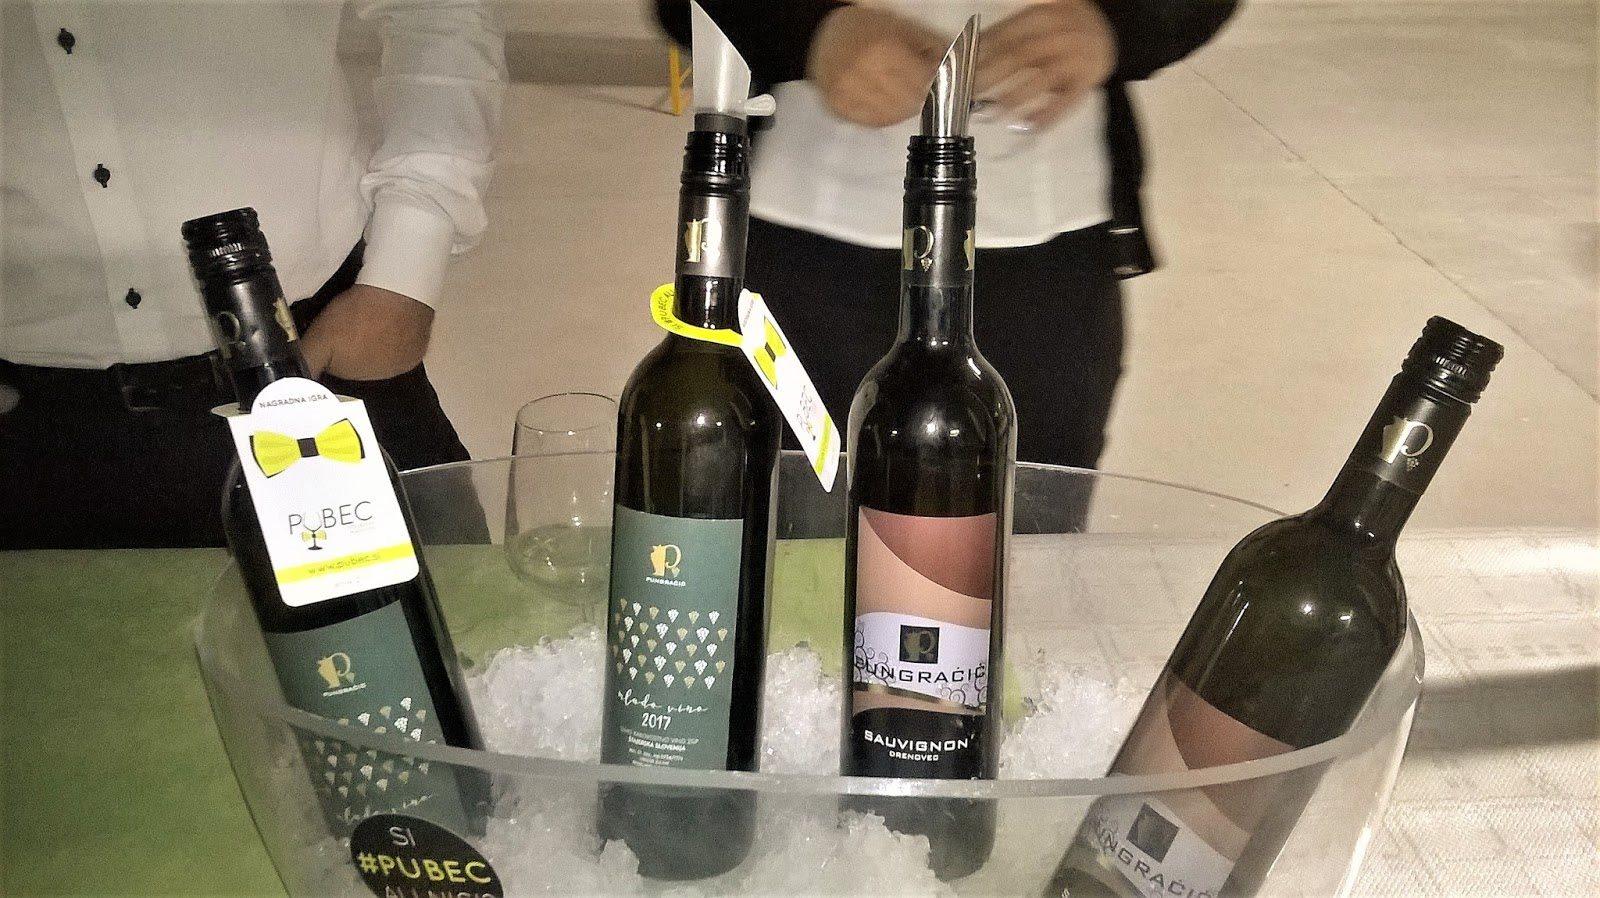 Veni Vidi Vino mlado, bo obiskovalcem ponudil najboljša mlada vina.